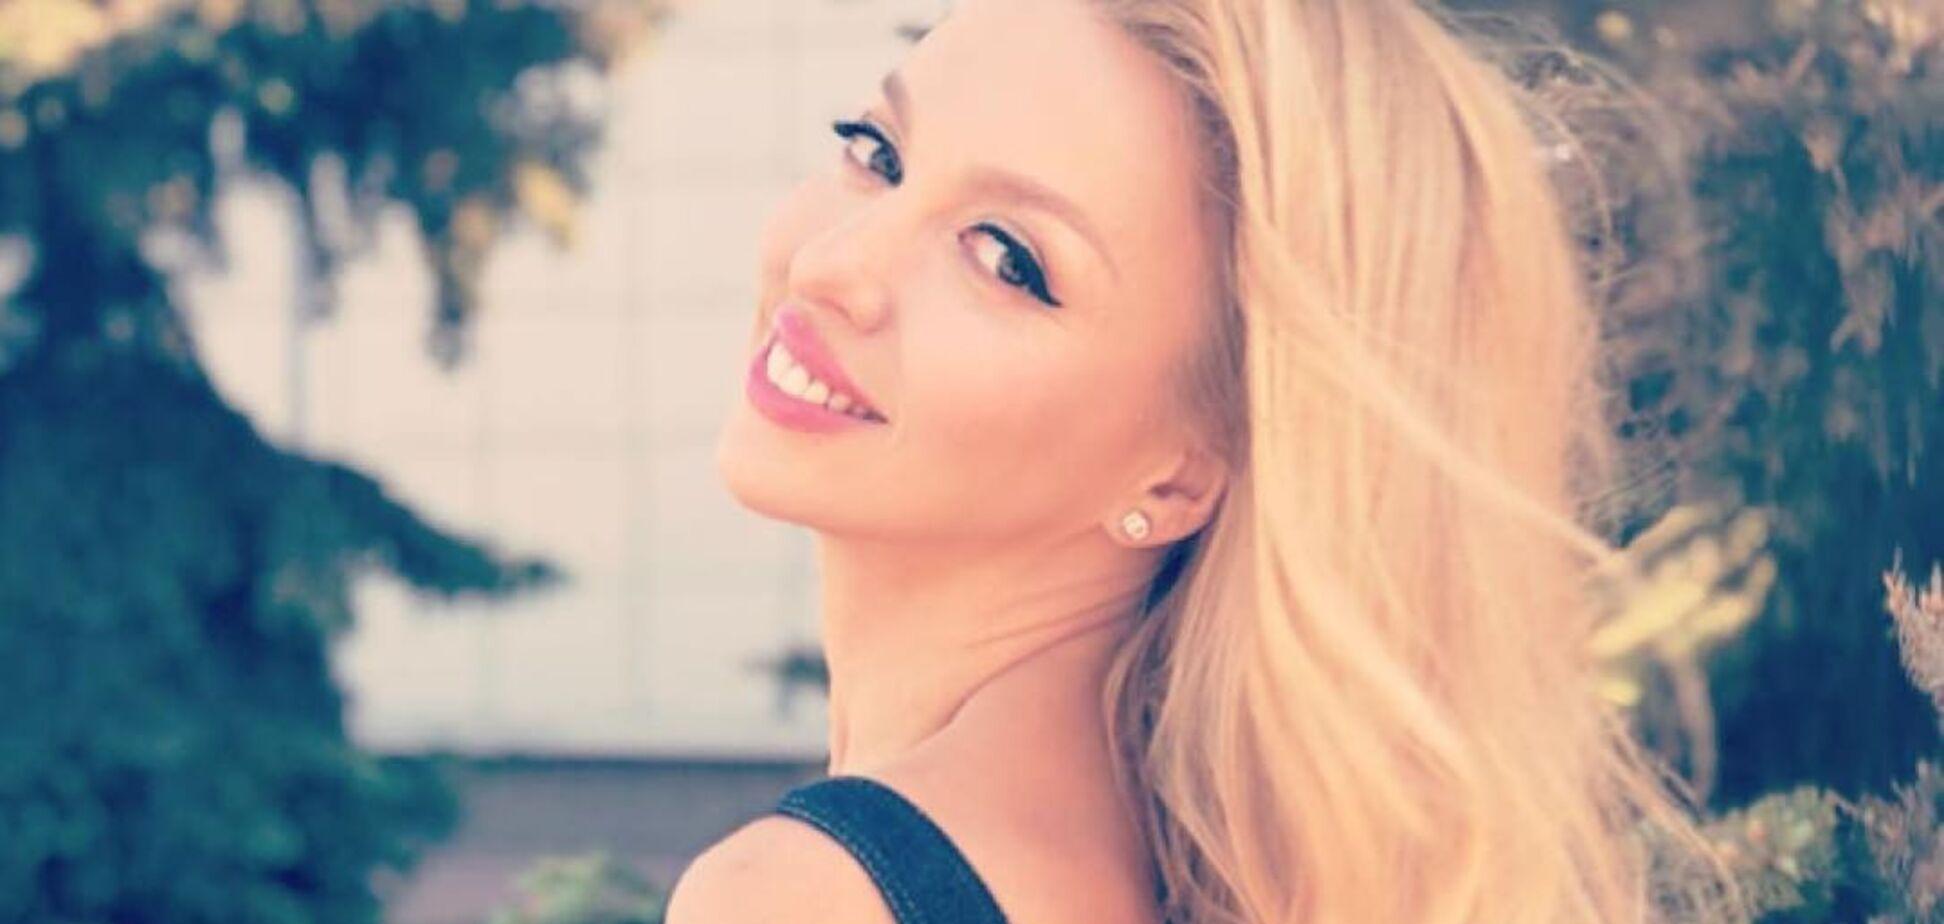 Полякова стала партнершей Кошевого в 'Рассмеши комика': в сети споры